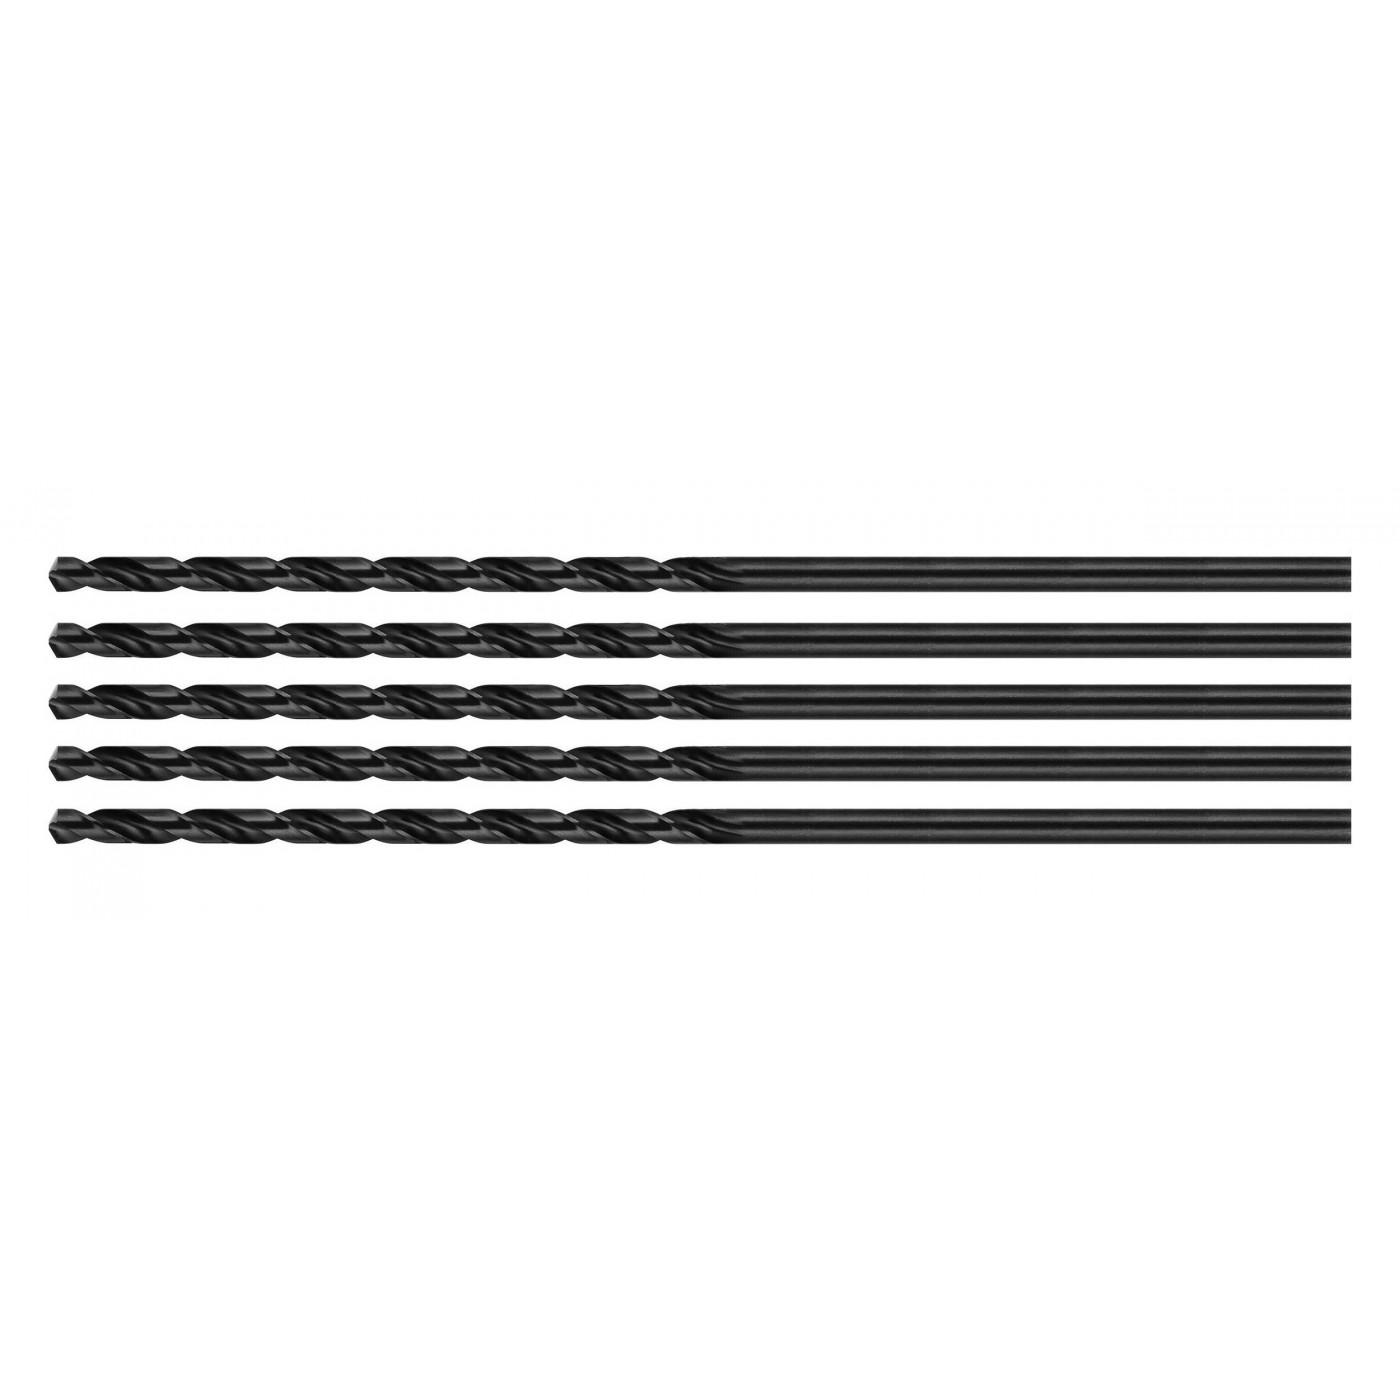 Set of 5 metal drill bits (HSS, 4.5x150 mm)